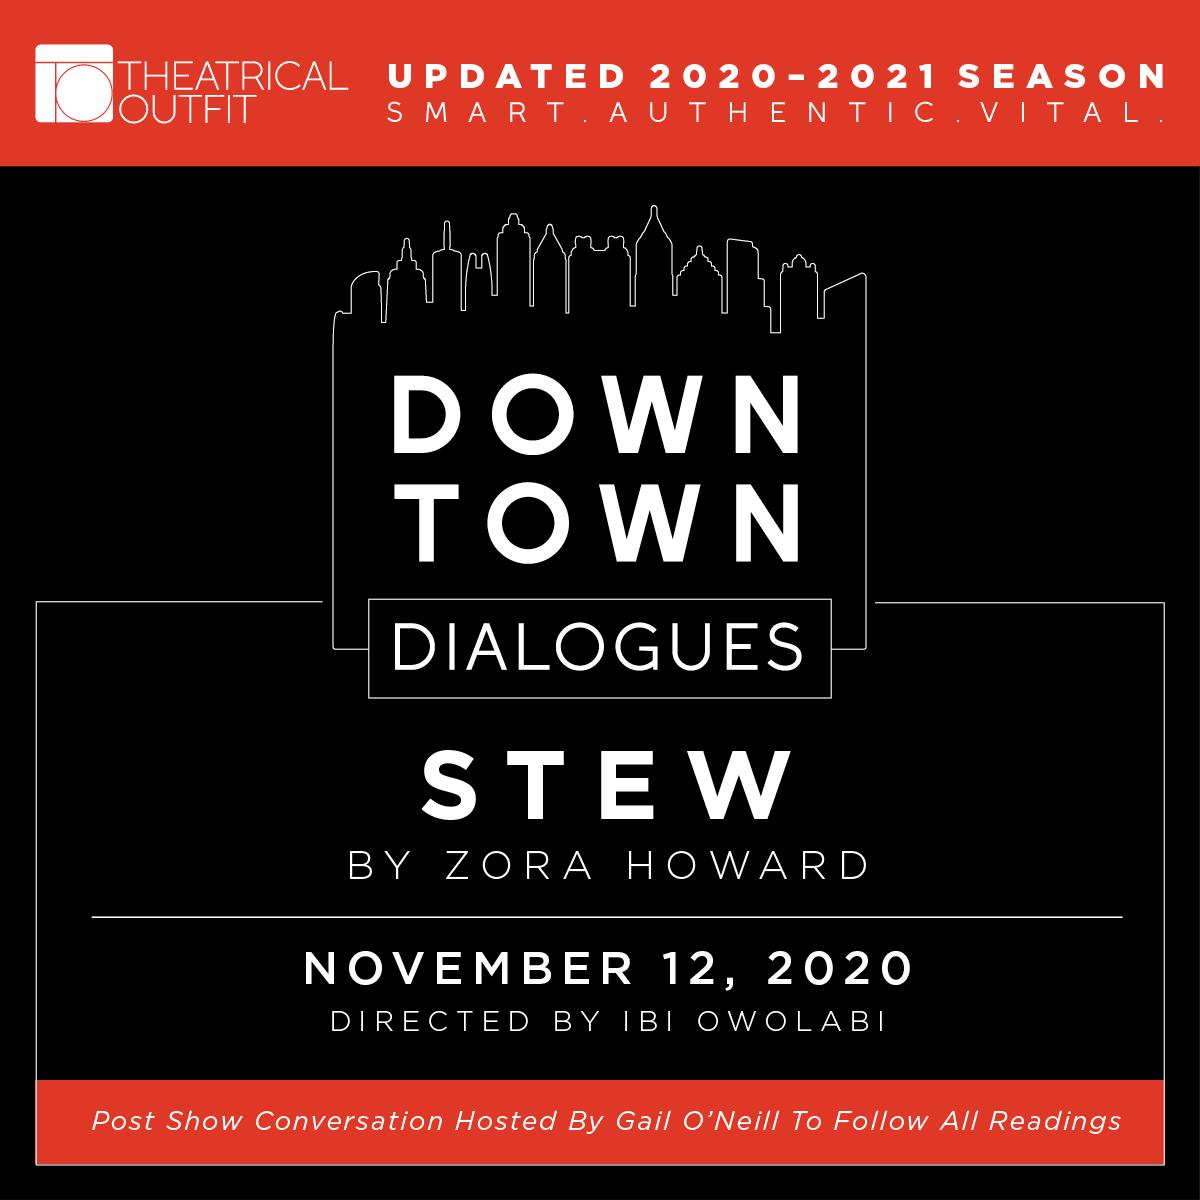 2020-21_TO_Season_SOCIAL_1200x1200_v1_DTD-Stew